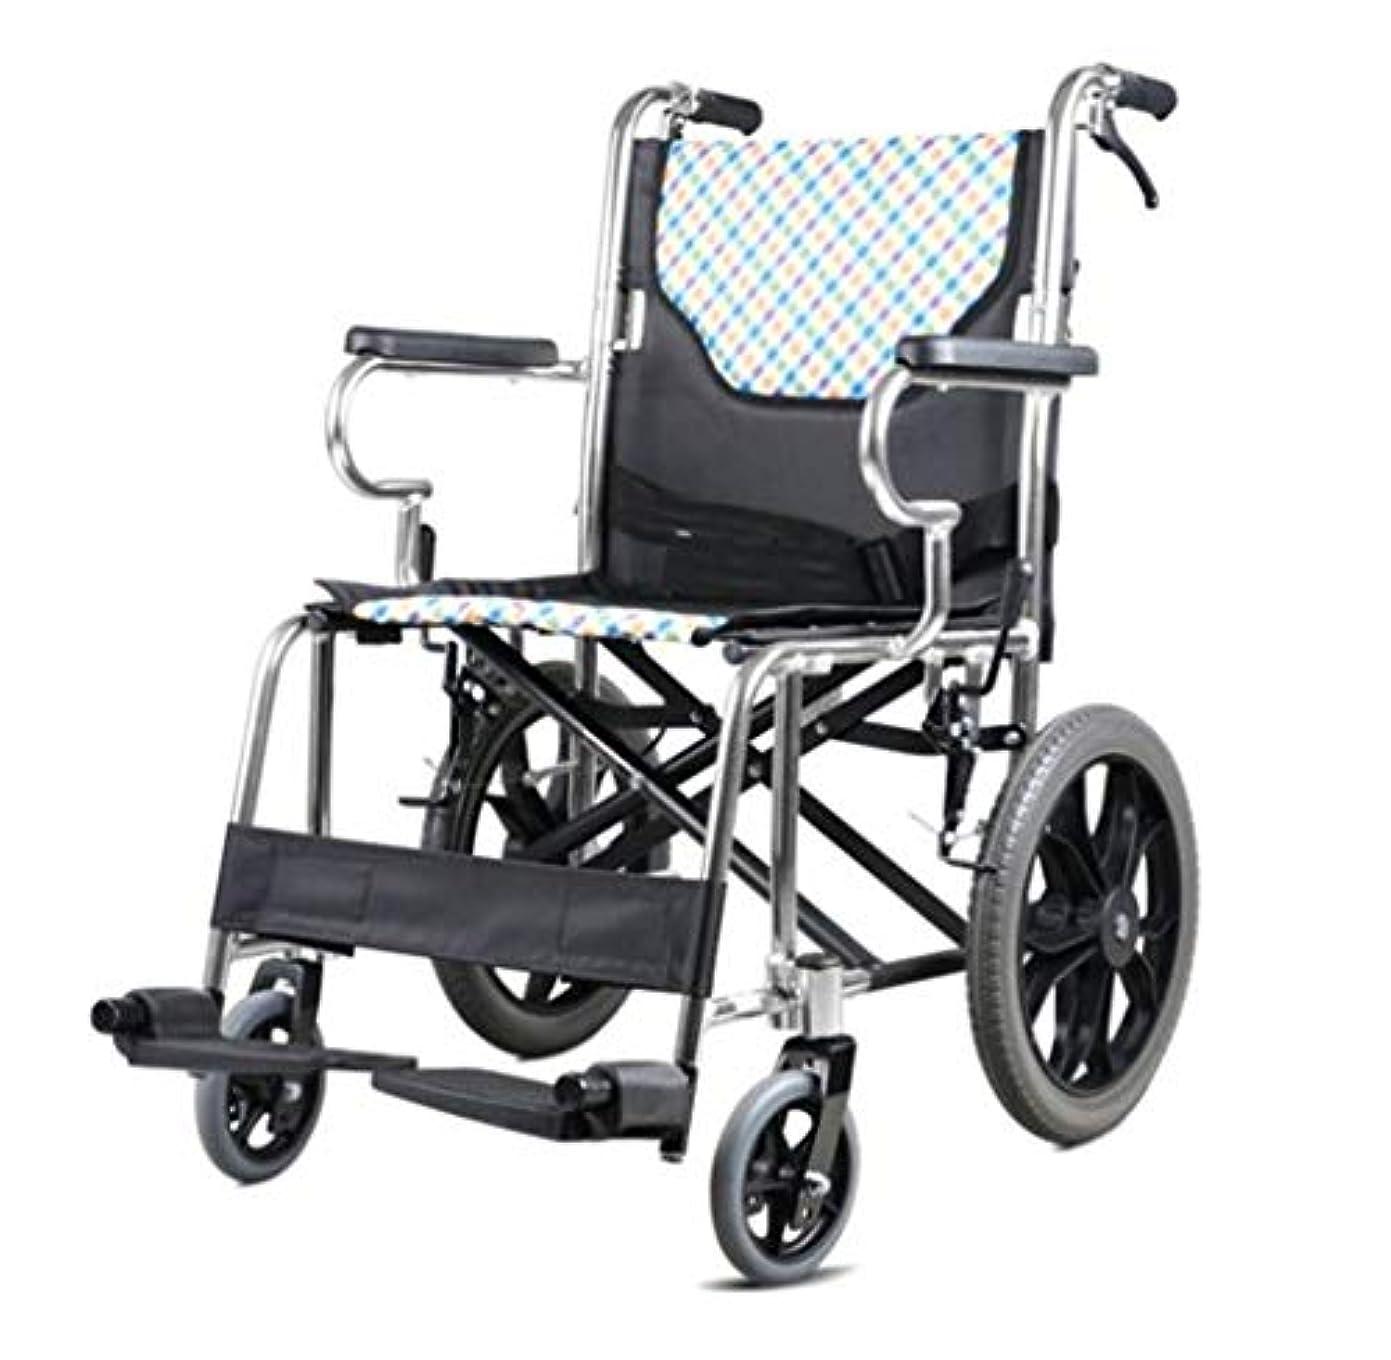 爆風引き出す少ない車椅子用トロリー折りたたみ式、高齢者用トロリー、身体障害者用車椅子、容量100 Kg